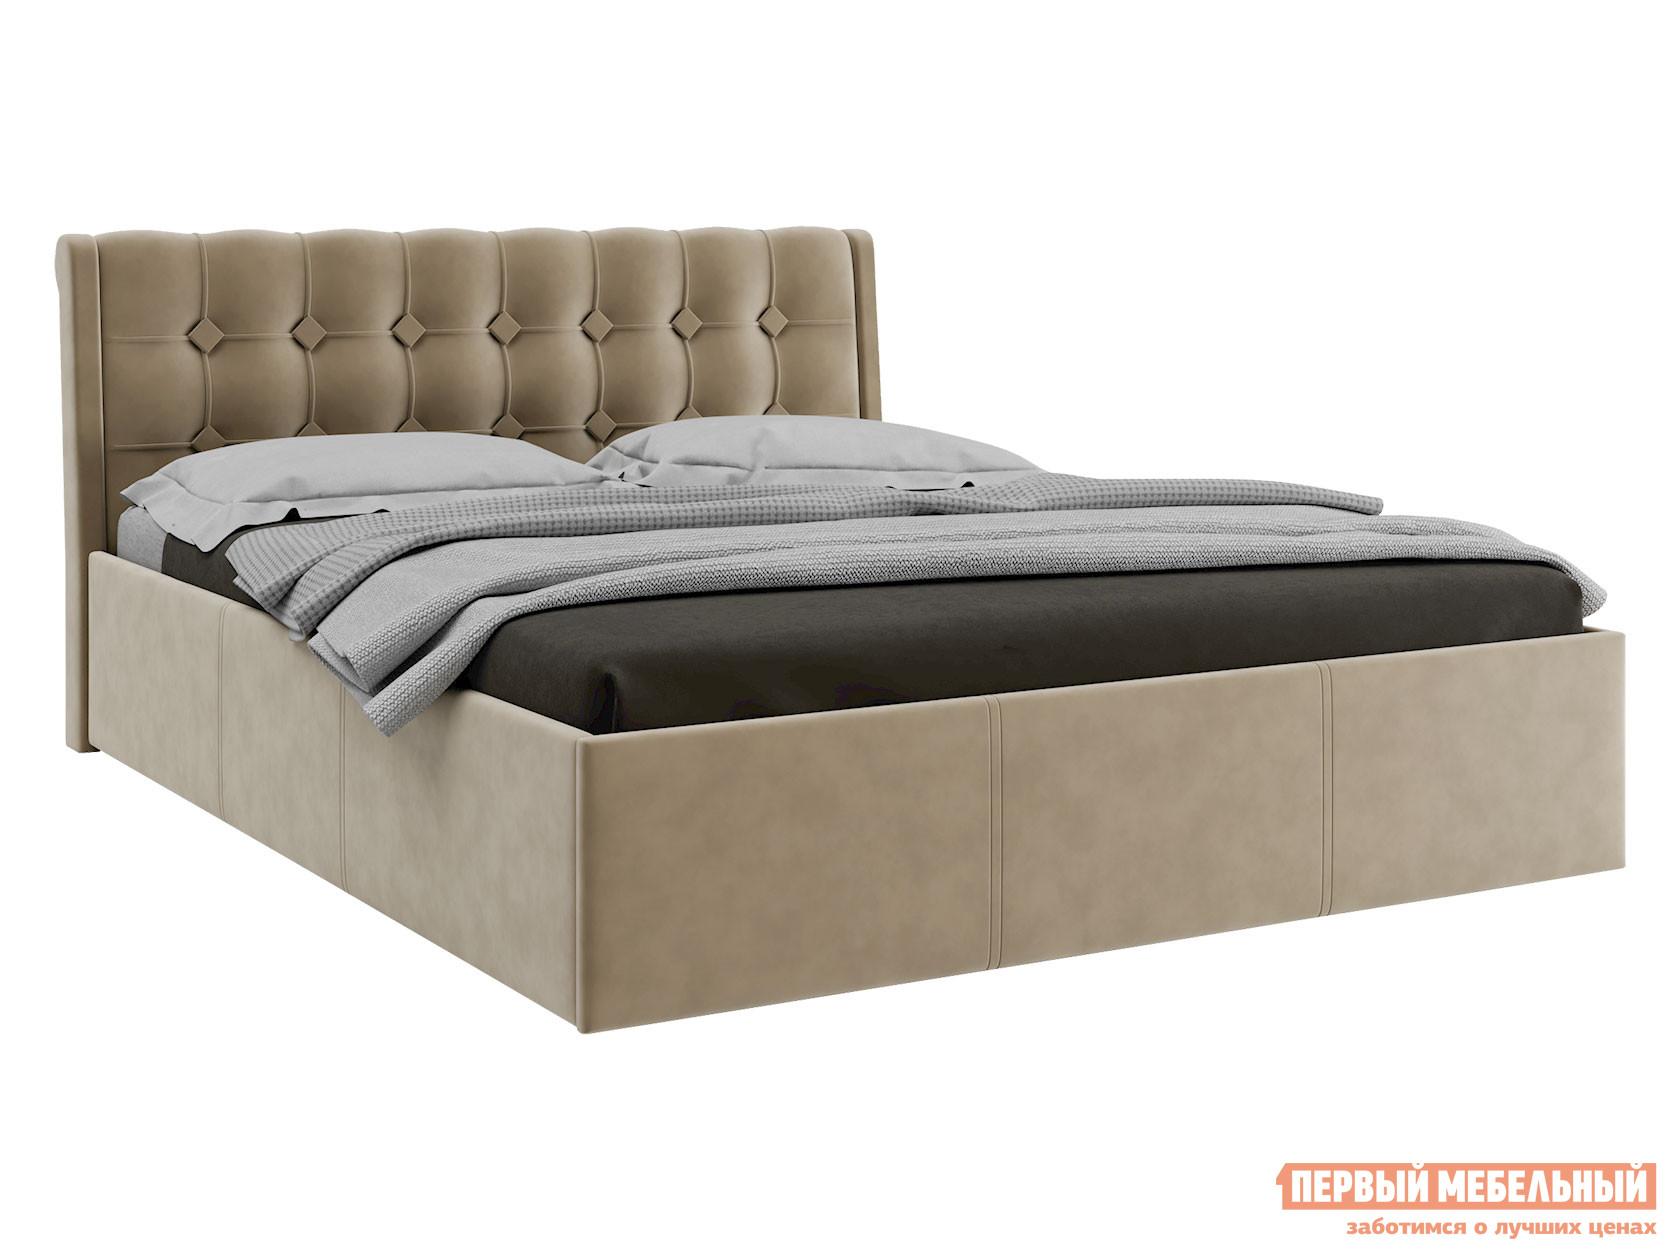 Двуспальная кровать  Кровать с подъемным механизмом Эдем Бежевый, вельвет, 1600 Х 2000 мм